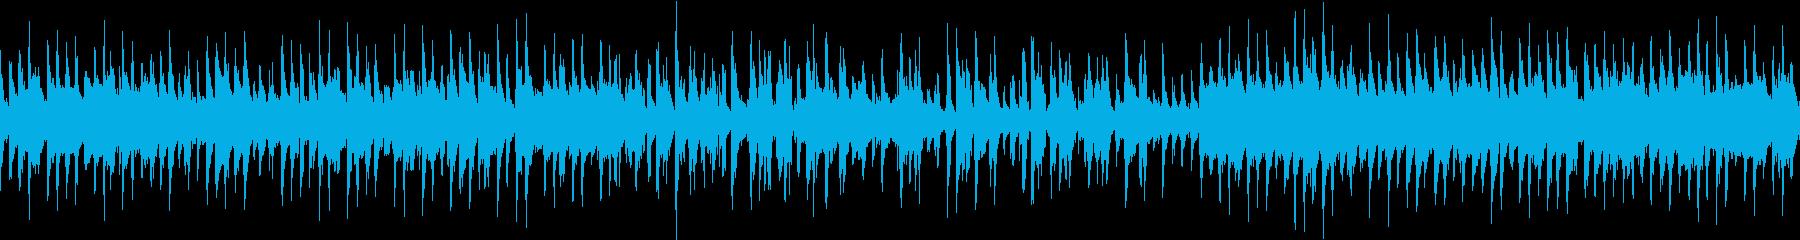 ワクワクドキドキするジャズ風BGMの再生済みの波形